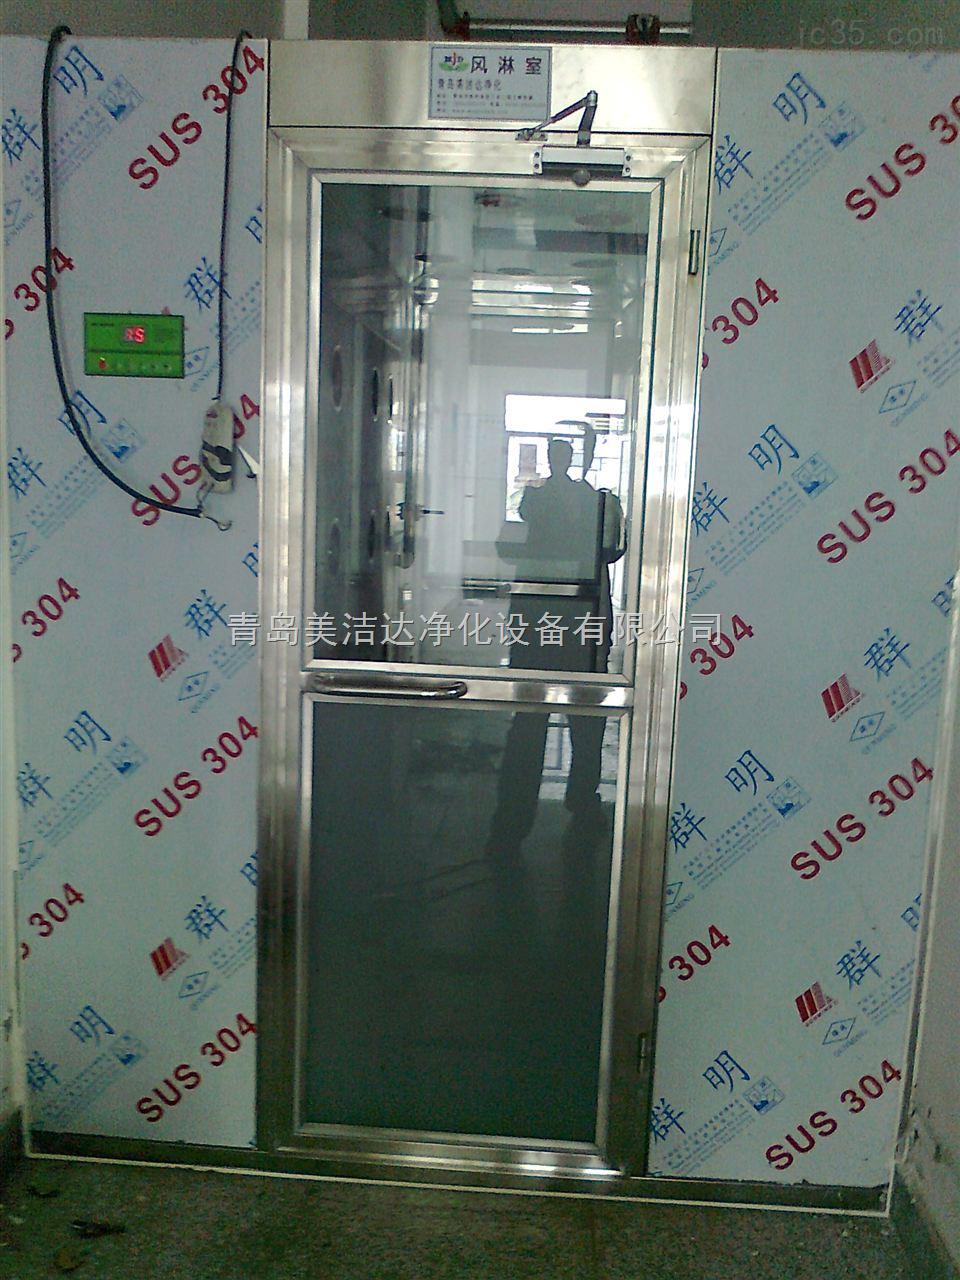 风淋室由箱体,门,高效过滤器,送风机,配电箱,喷嘴等几大部件组成.2.